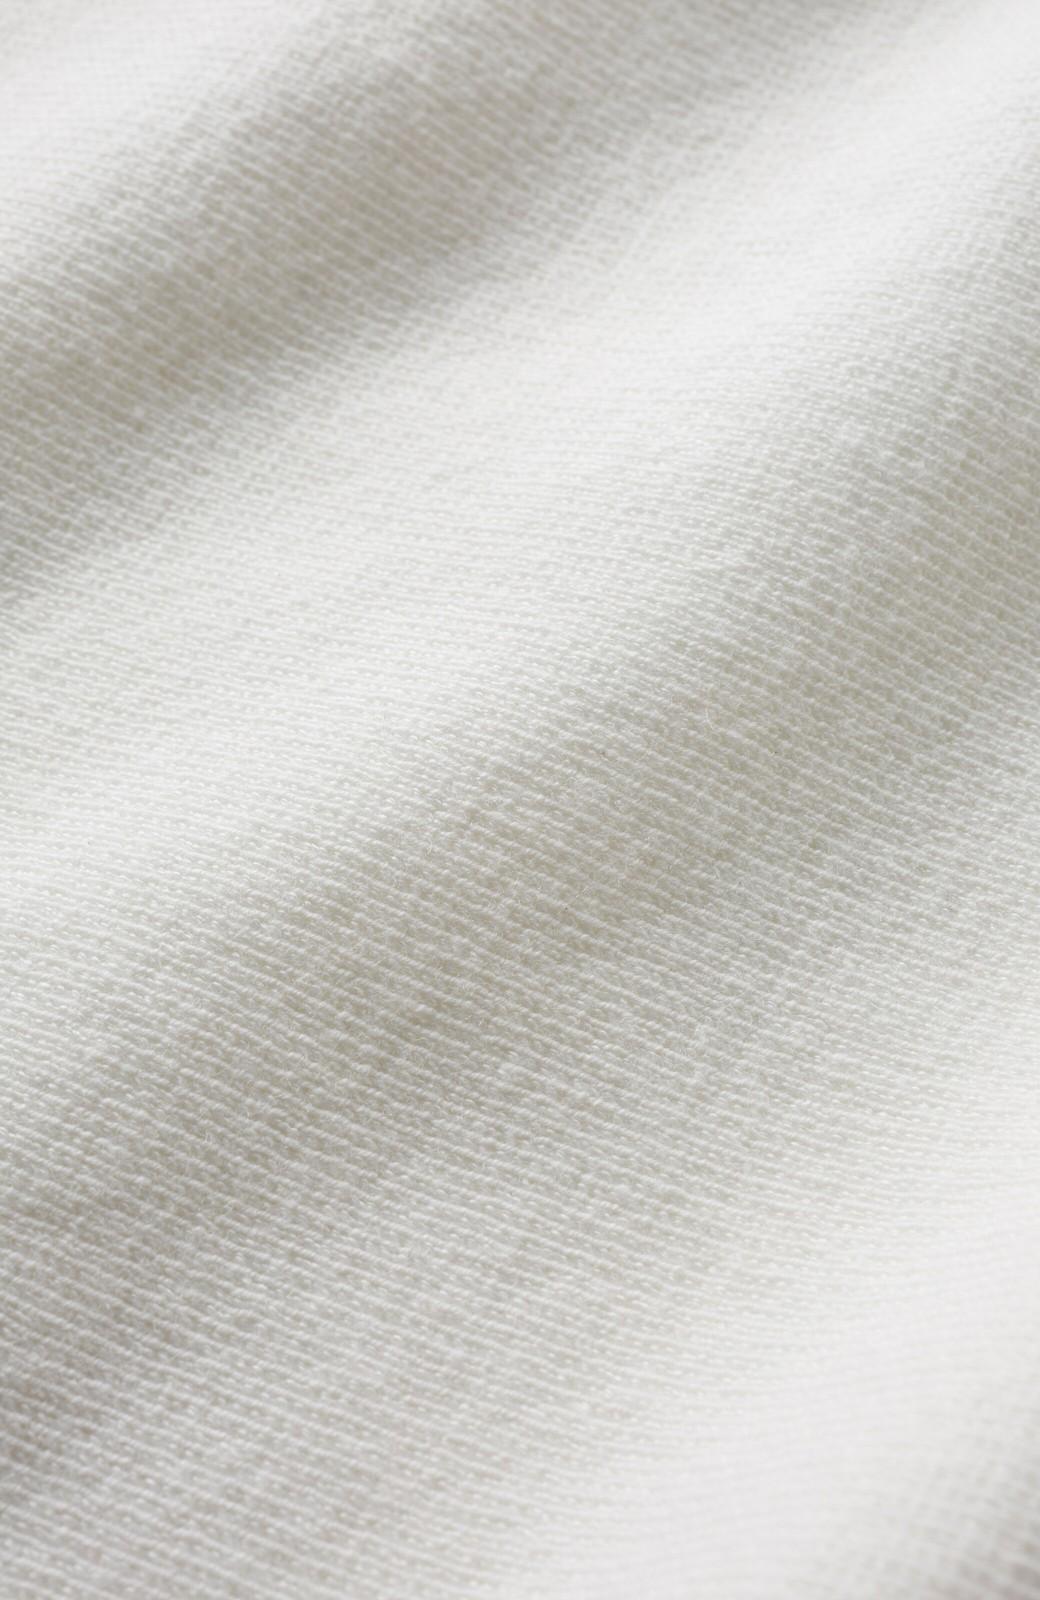 haco! 長ーーい季節着られてきちんとみせてくれる 便利なミラノリブニット <ホワイト>の商品写真3